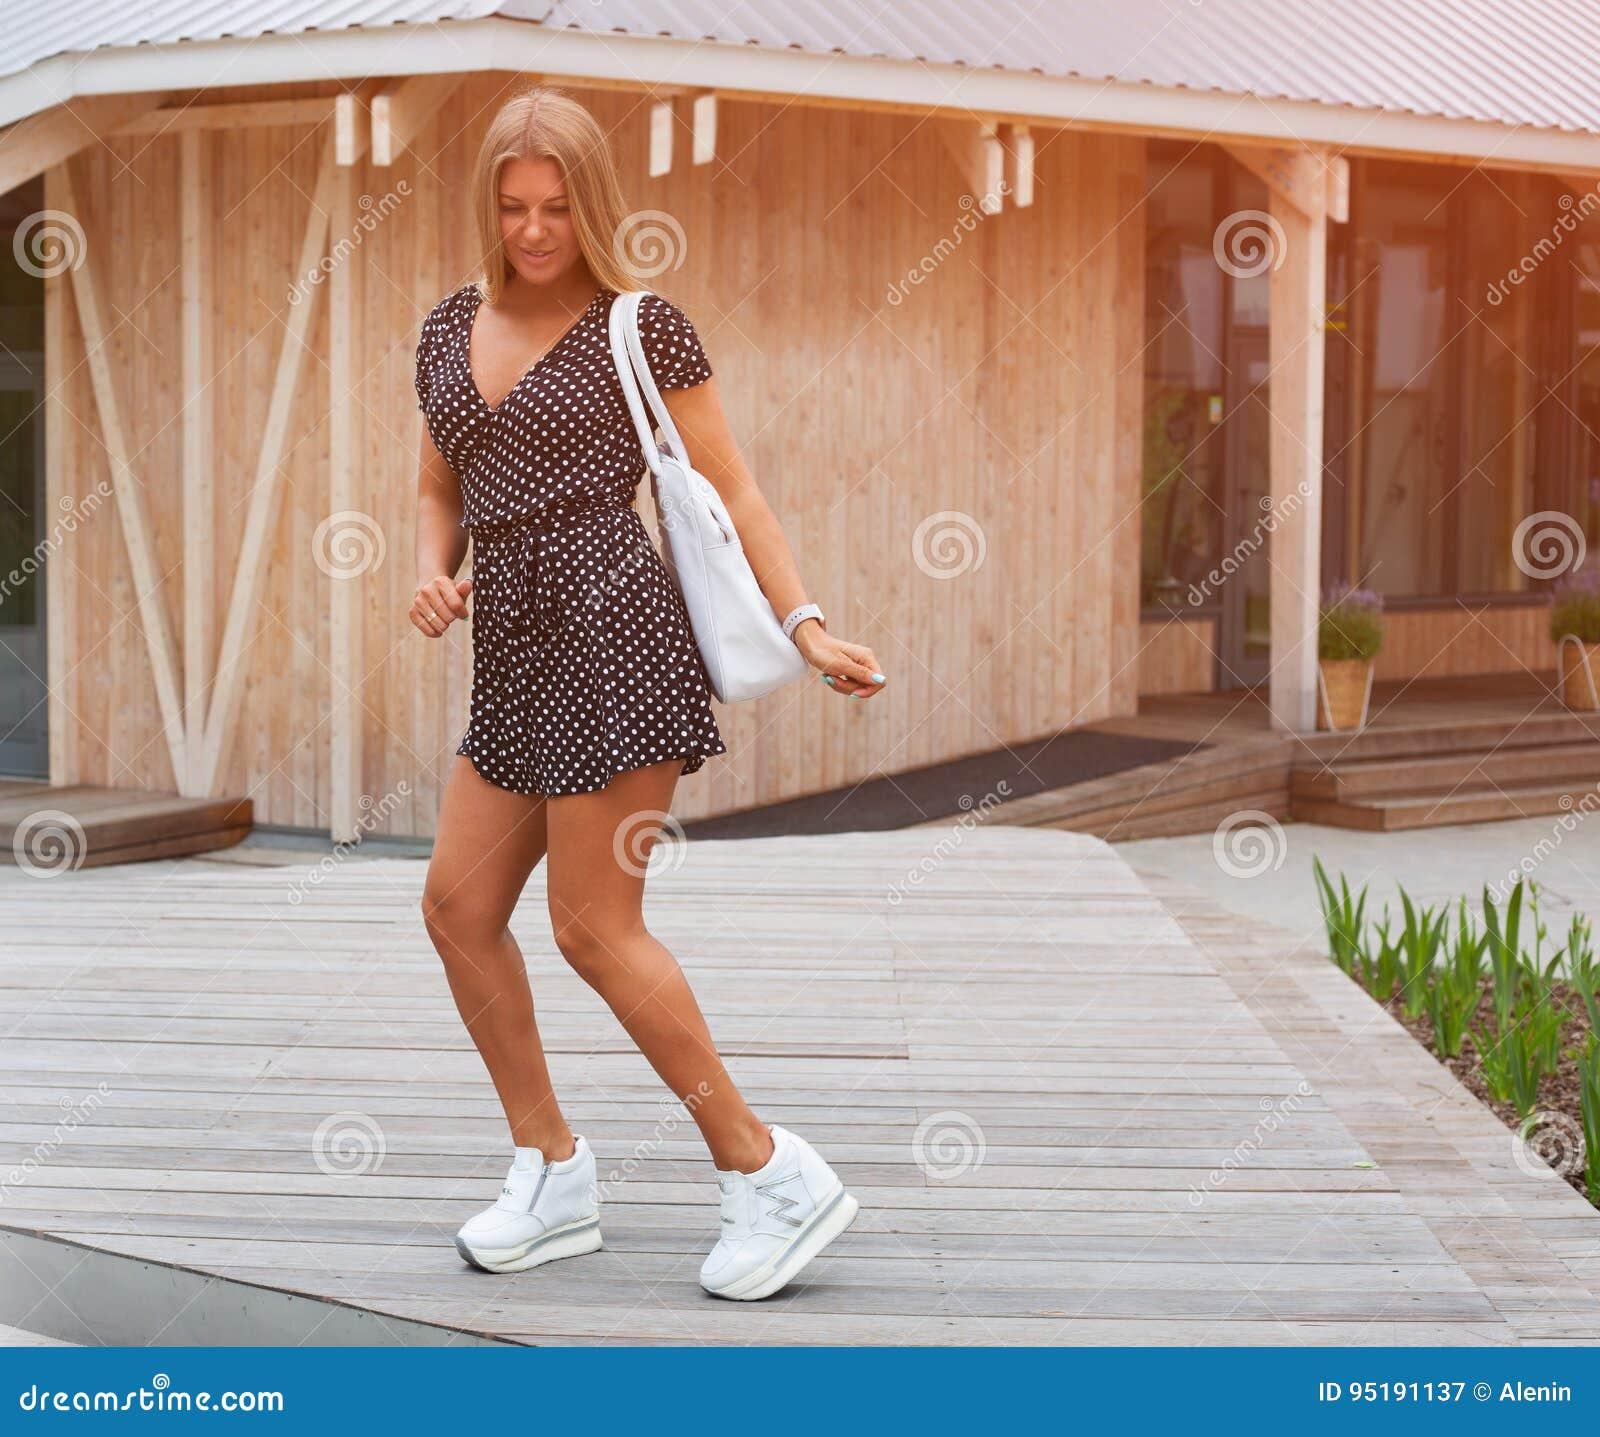 belle fille blonde dans la robe de short d 39 t et des espadrilles la mode blanches dansant. Black Bedroom Furniture Sets. Home Design Ideas